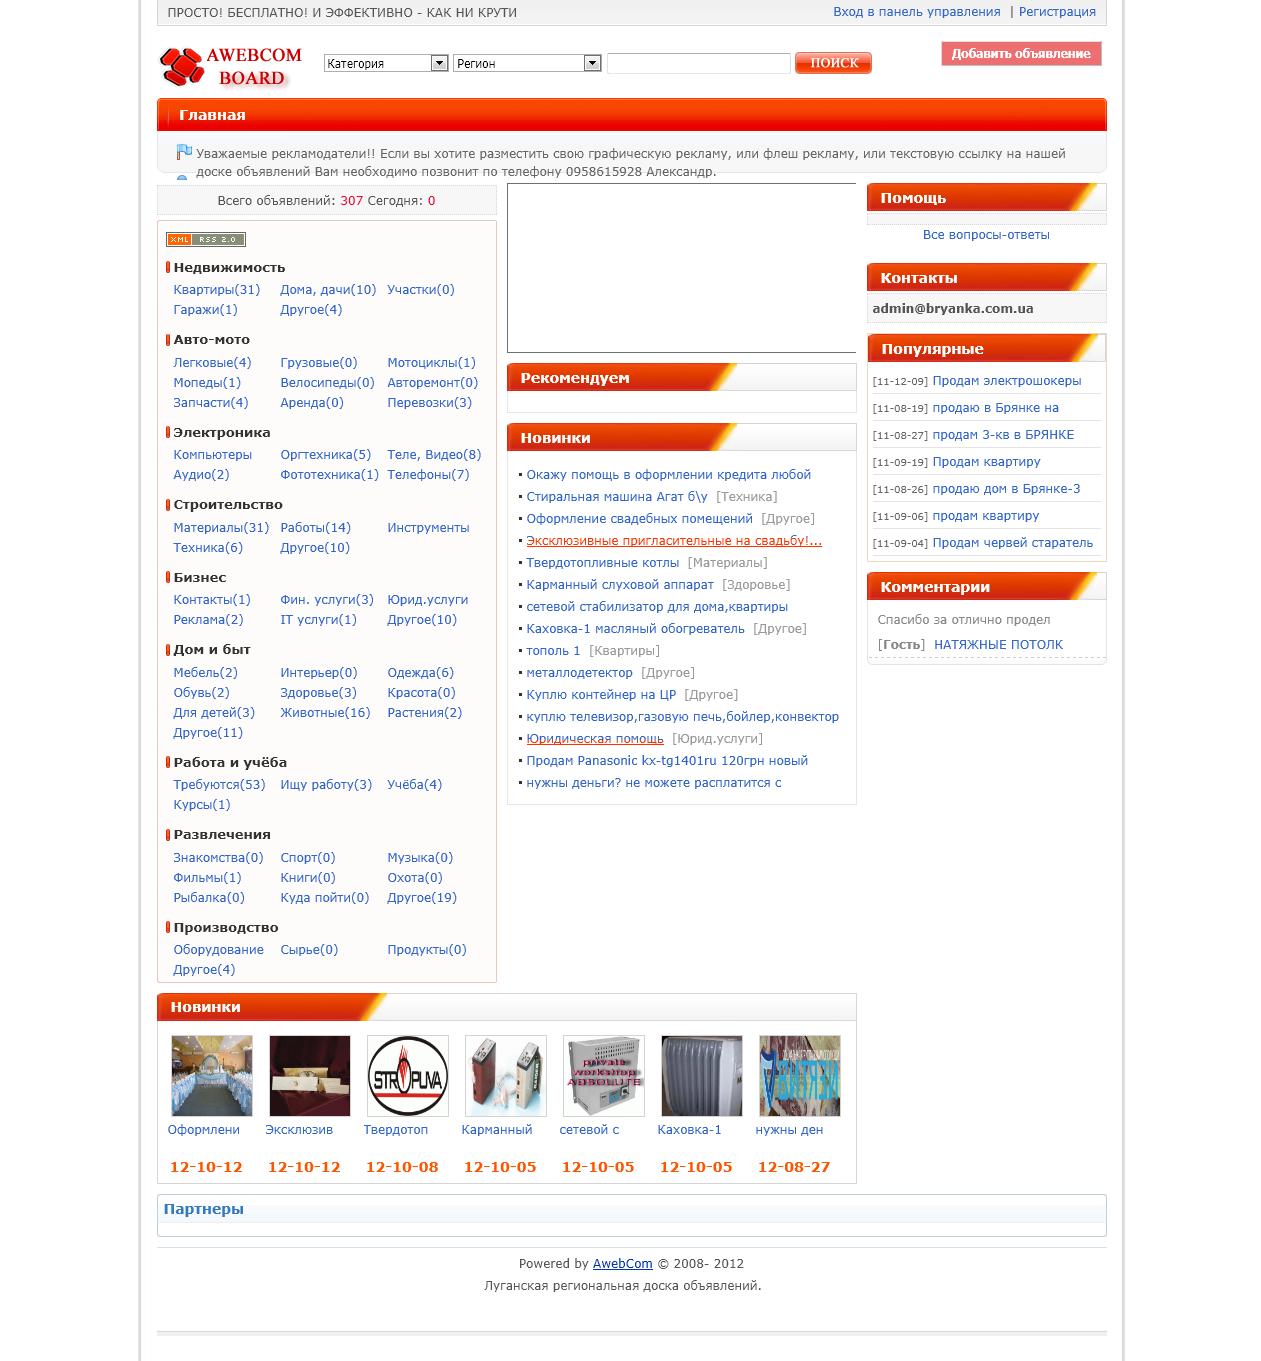 1 доска бесплатных объявлений доска объявлений wr-board доска объявлений tasks